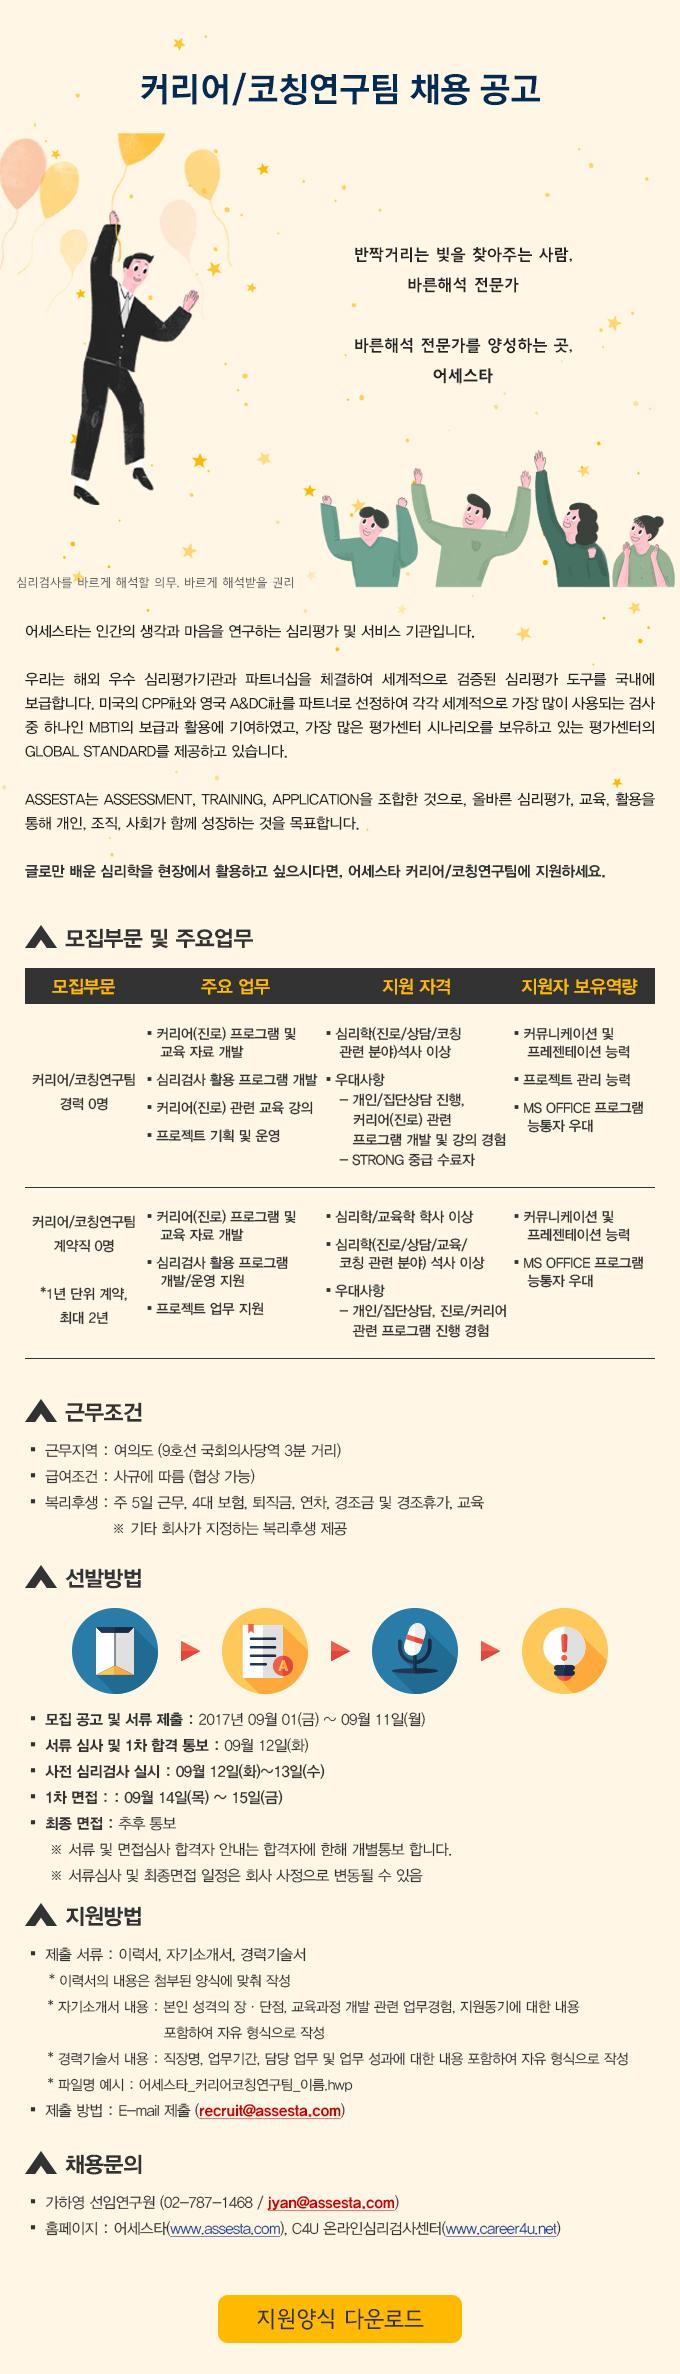 어세스타 커리어/코칭연구팀 채용공고문